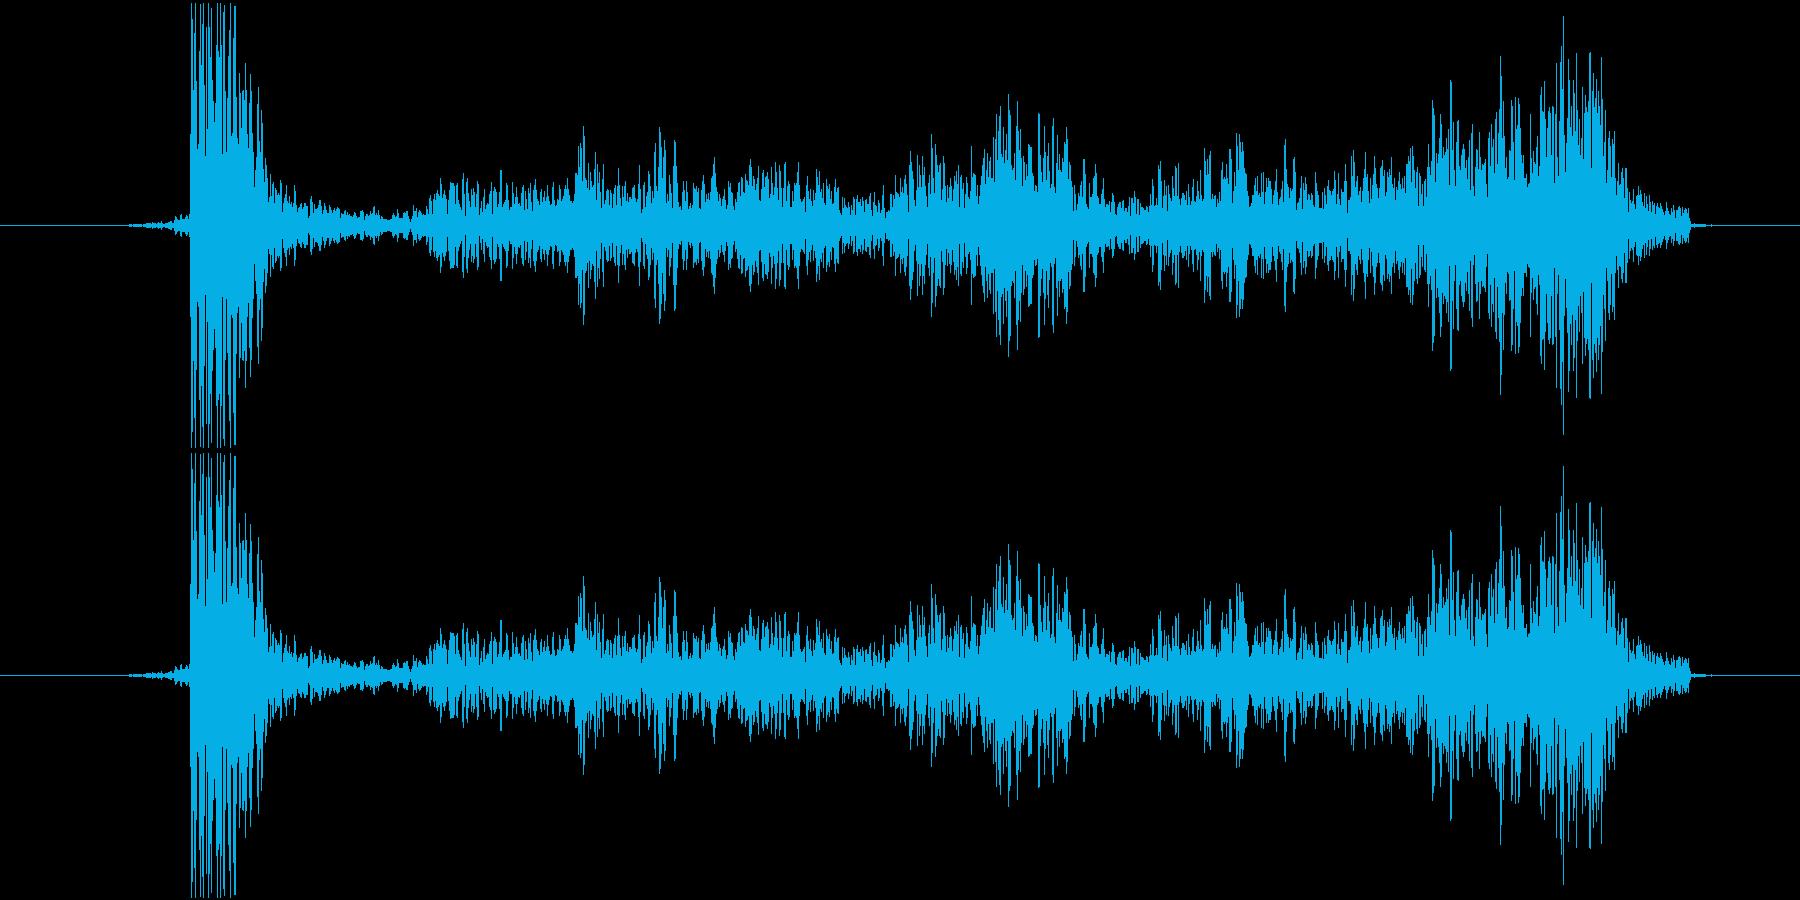 シュー(金属が擦れる音)の再生済みの波形